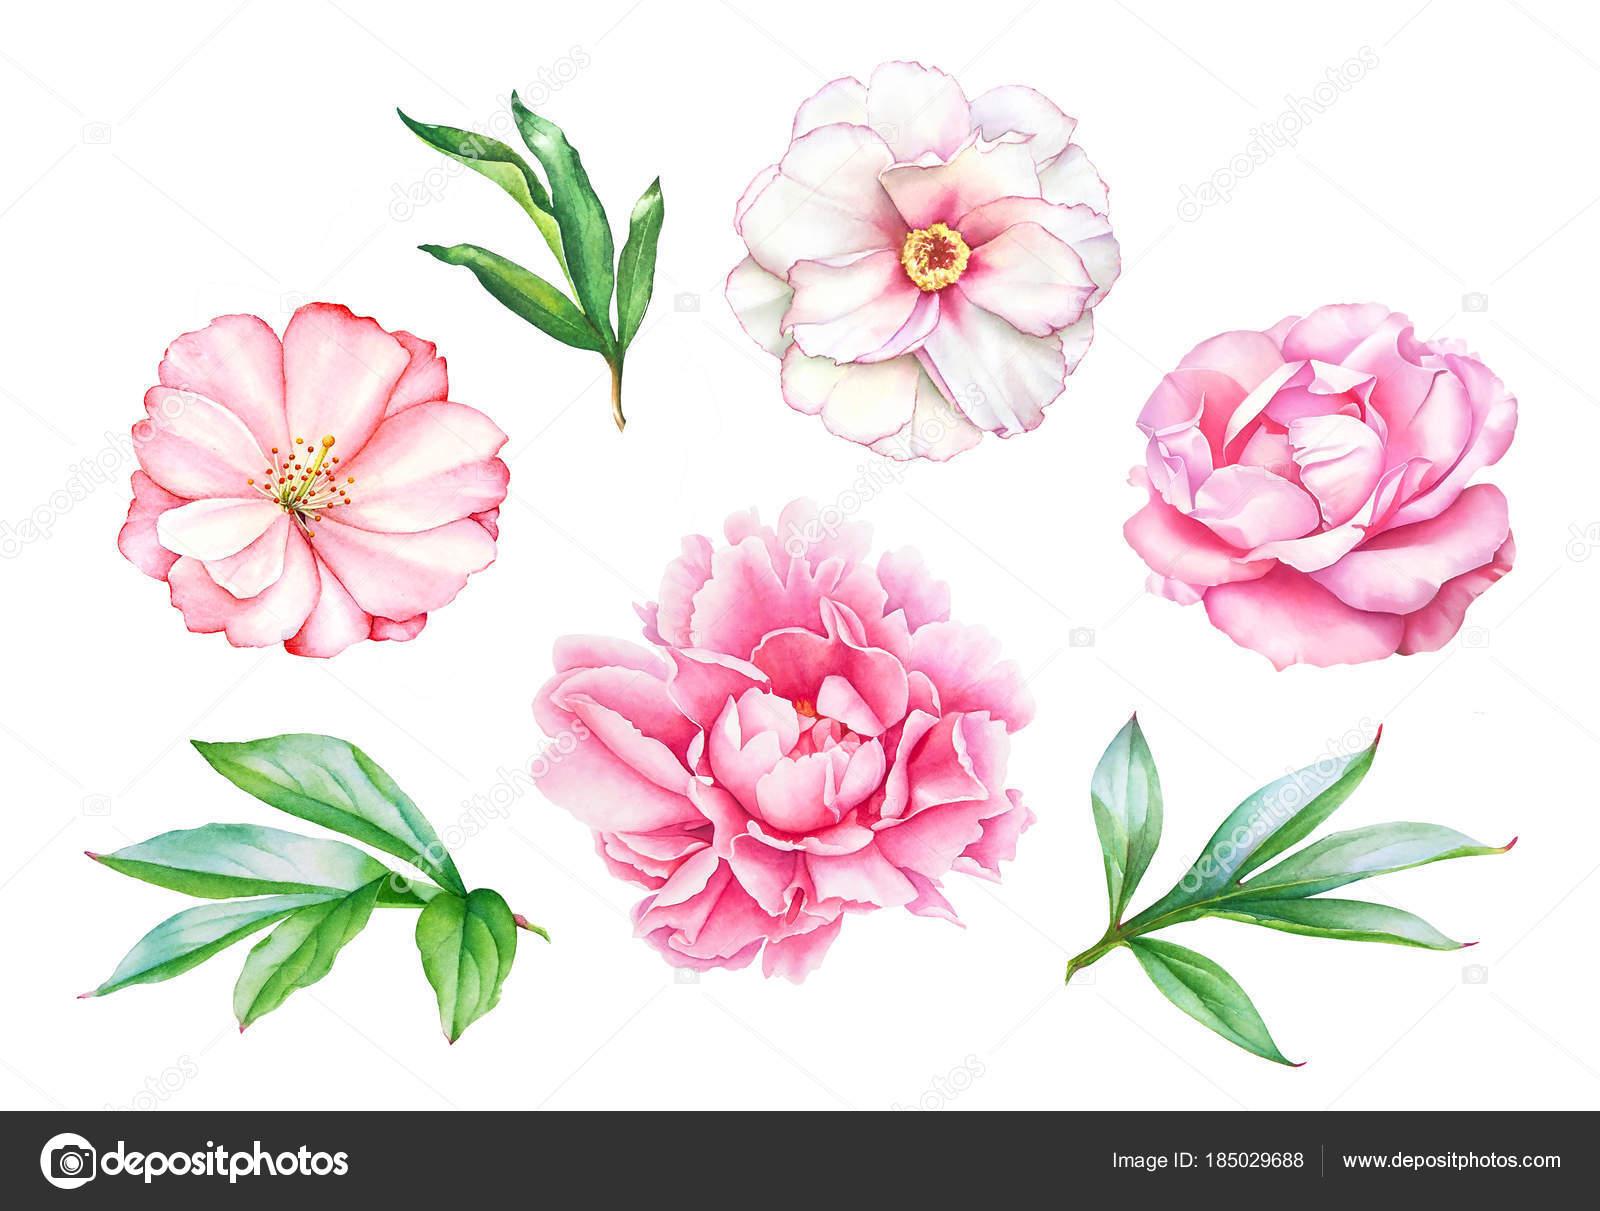 Aquarelle Réaliste Dessin Fleurs Pivoine Rose Avec Feuilles